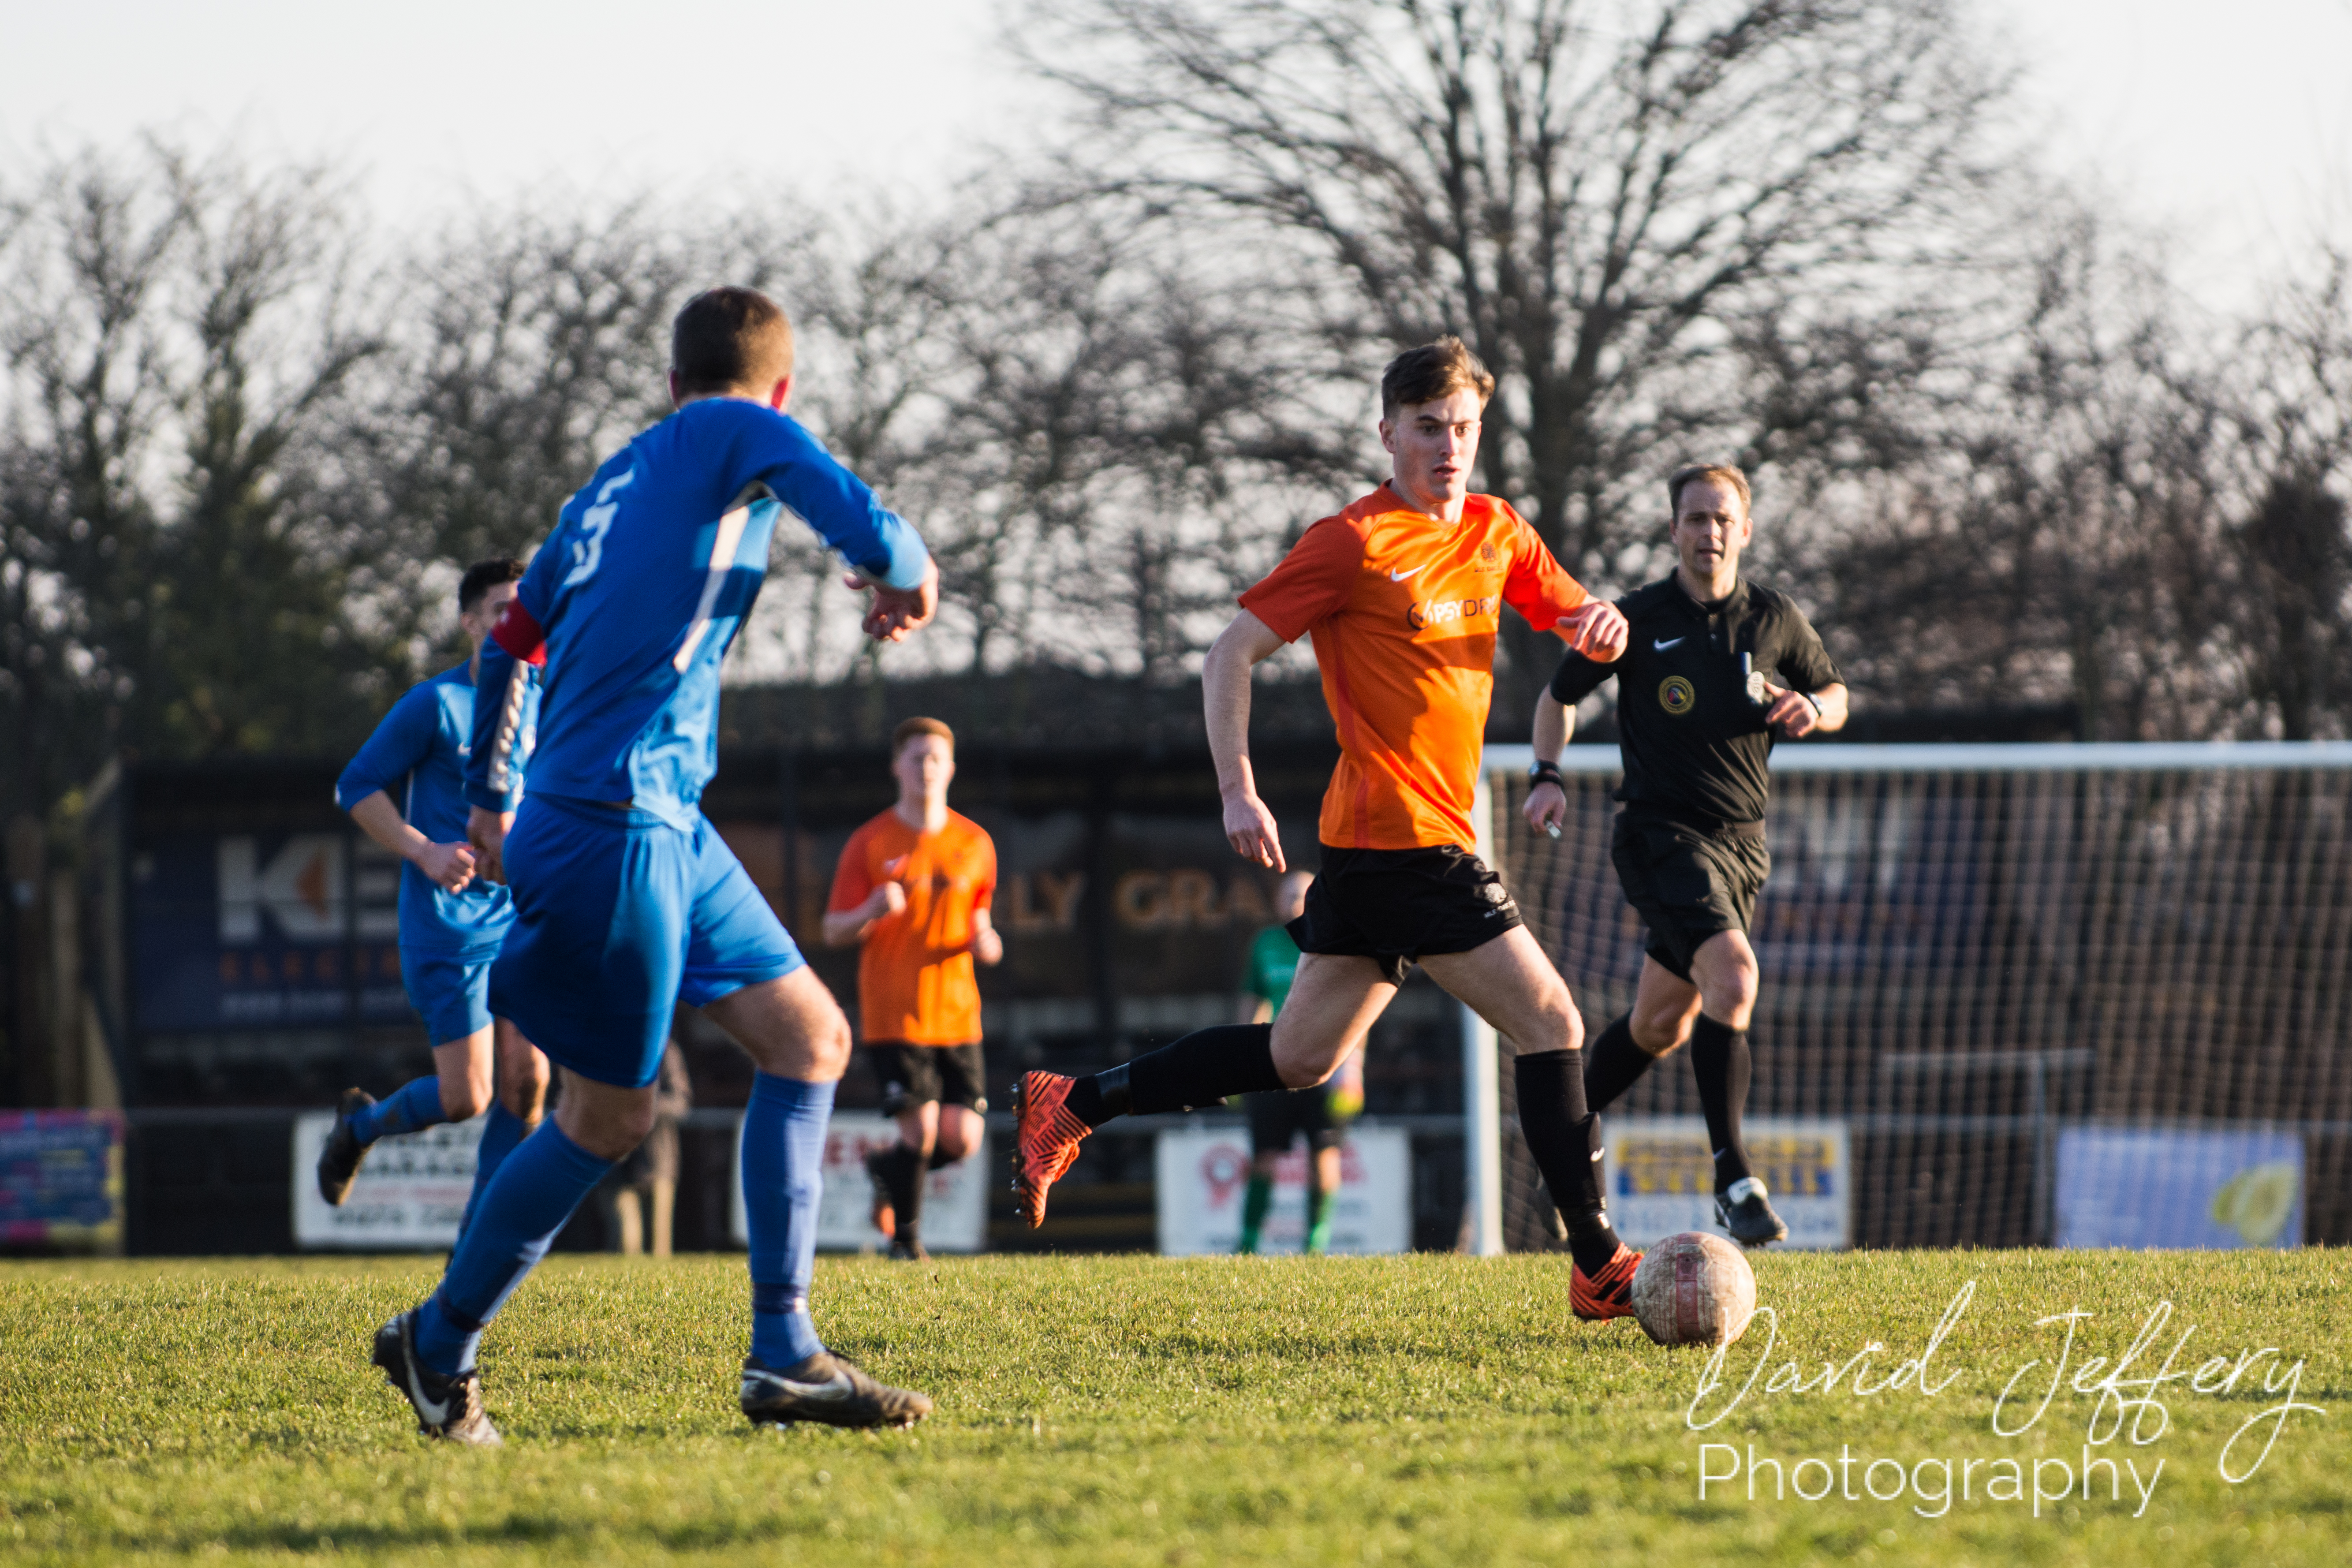 DAVID_JEFFERY MOFC vs Storrington 039